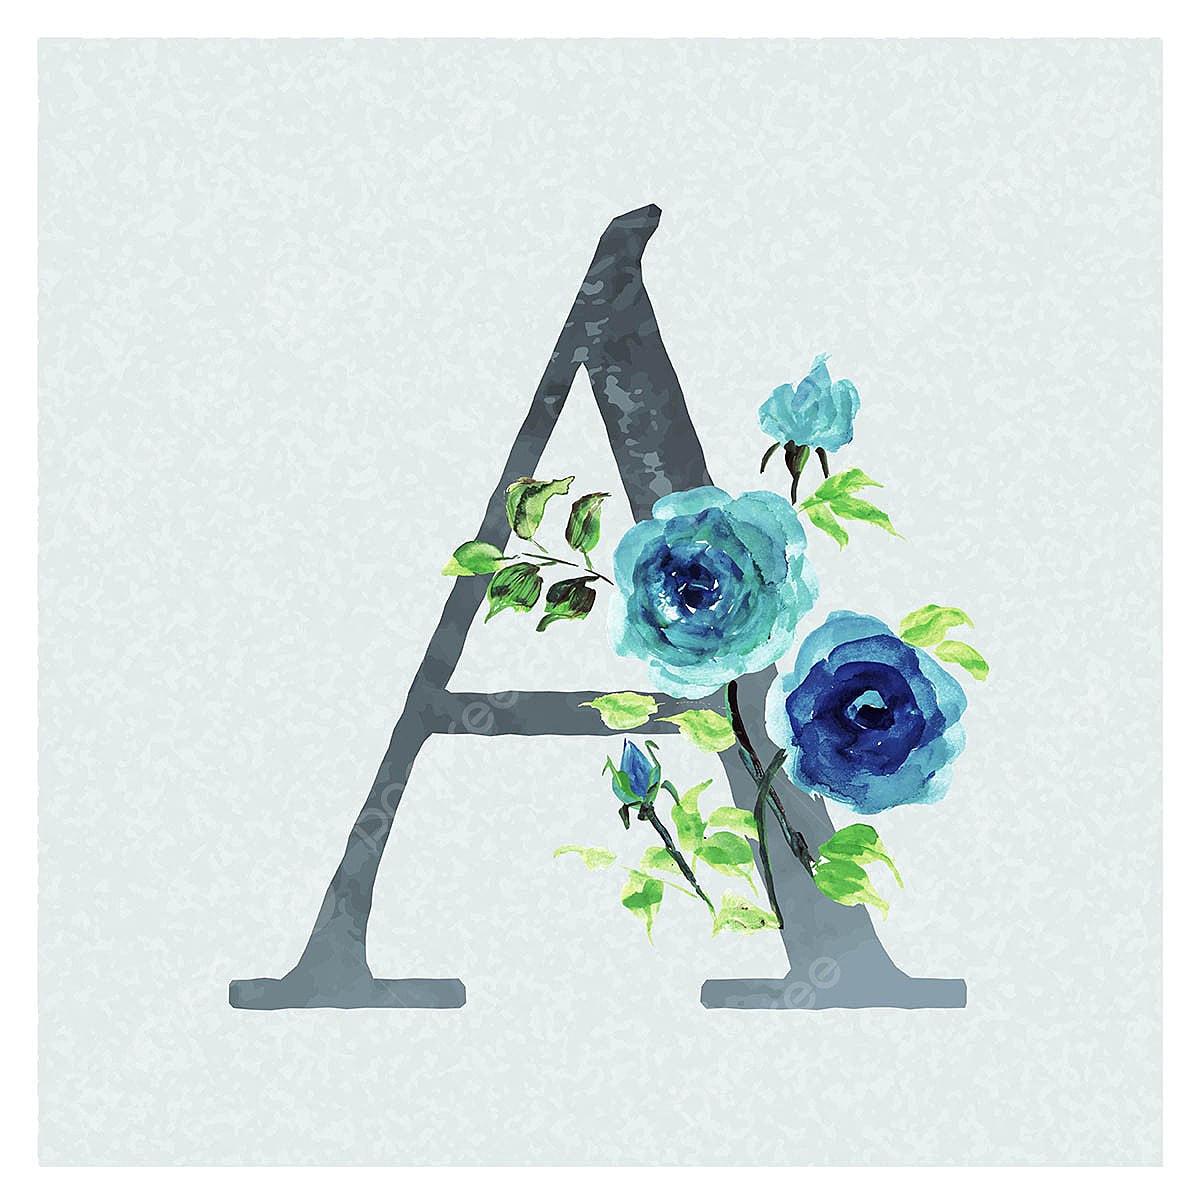 رسالة خلفية ألوان مائية الزهور موضوع في الأزرق رسالة قصاصات فنية ألوان مائية اللون Png والمتجهات للتحميل مجانا